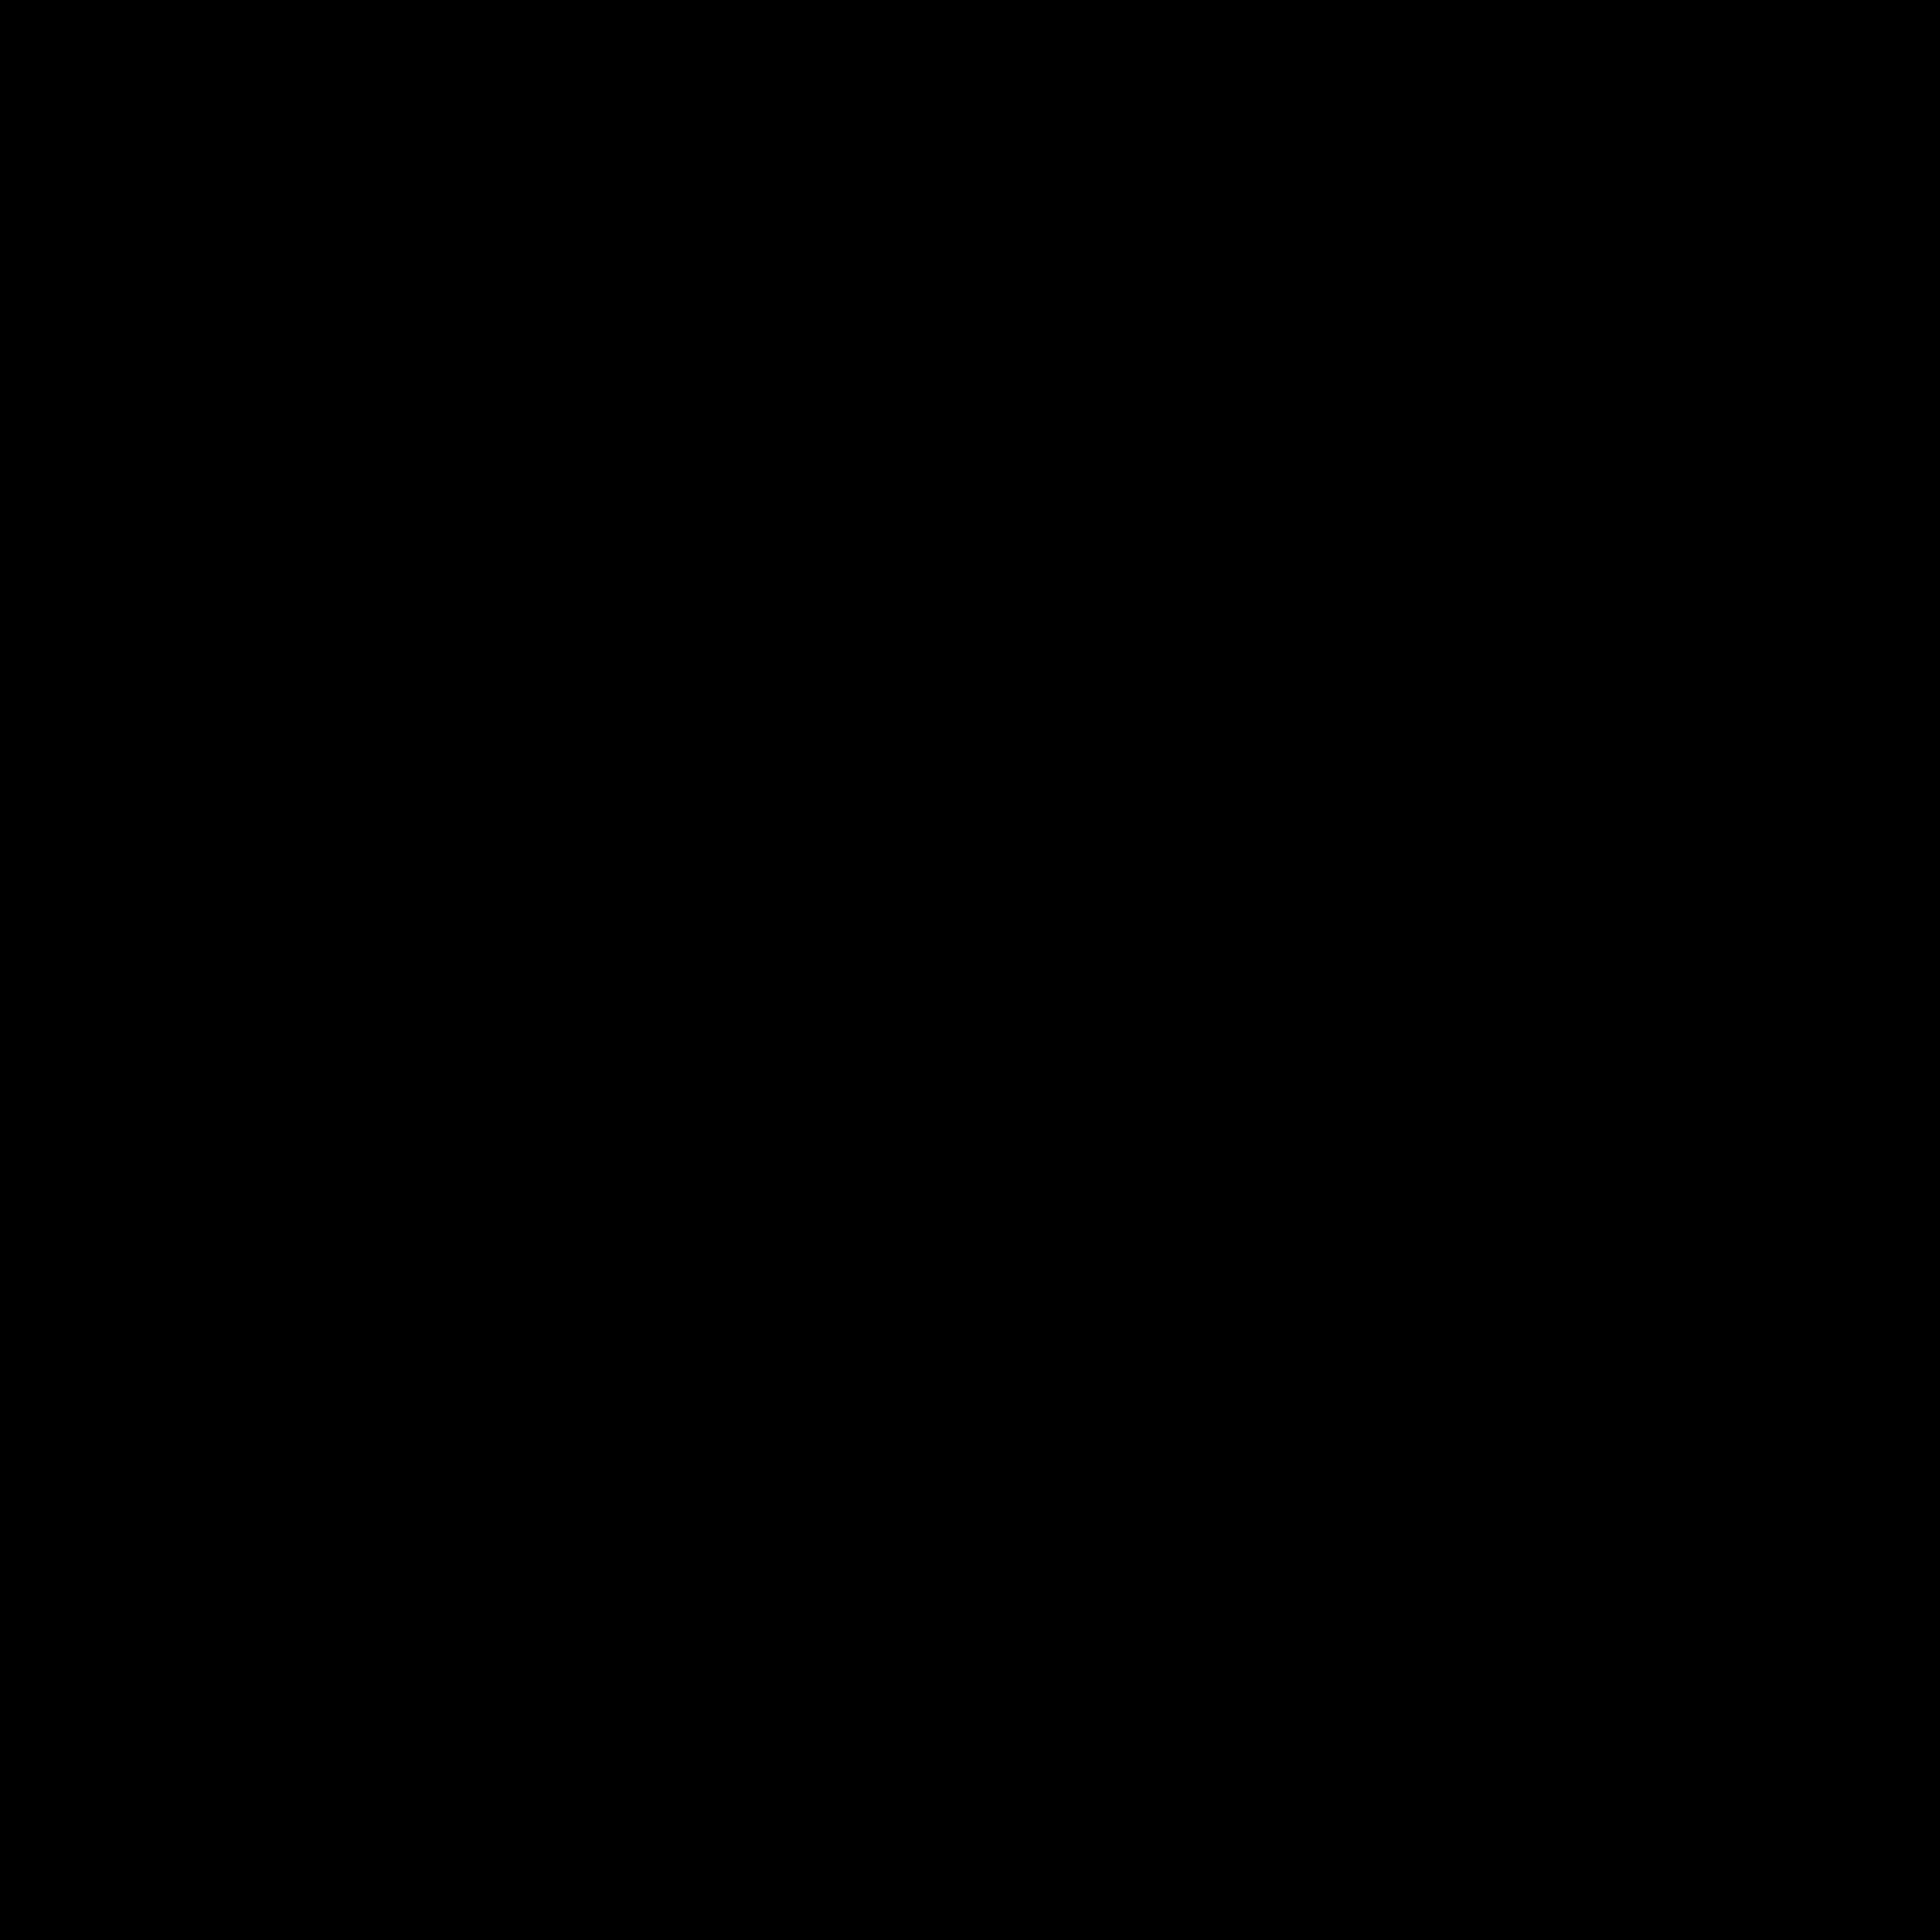 scotiabank-1-logo-png-transparent.png